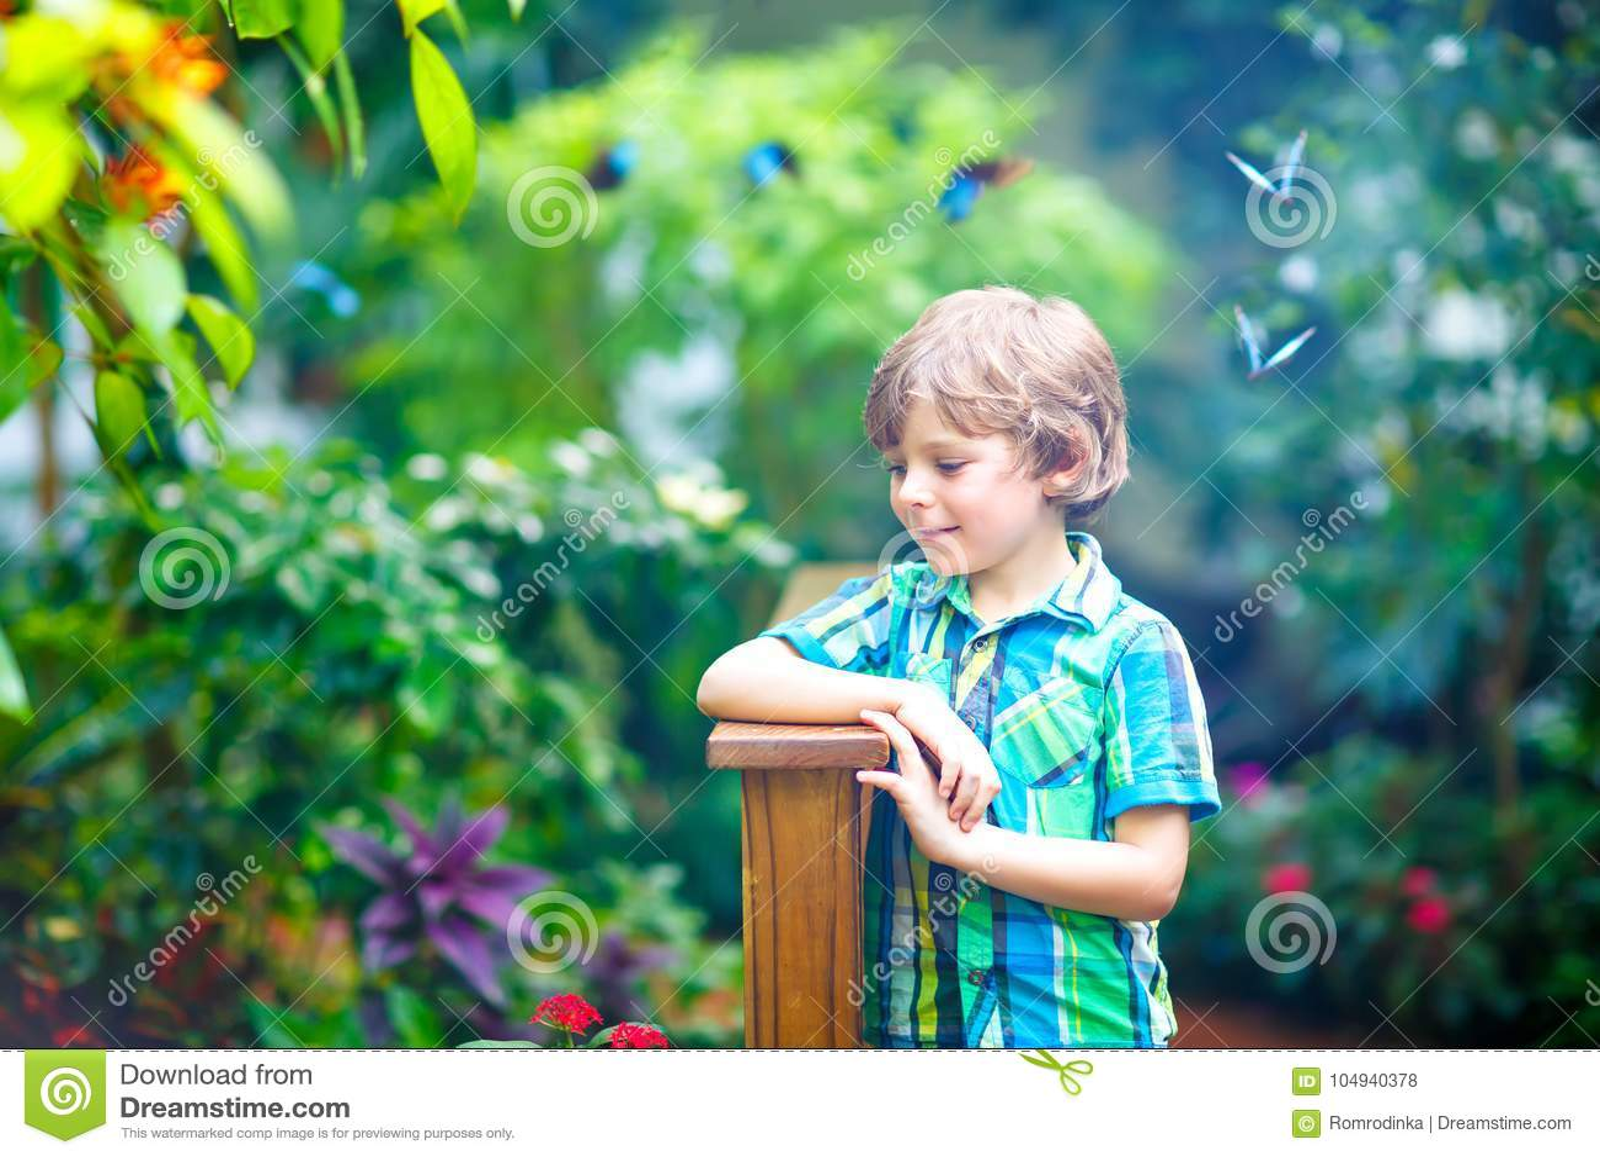 Little blond preschool kid boy discovering plants, flowers and butterflies at botanic garden